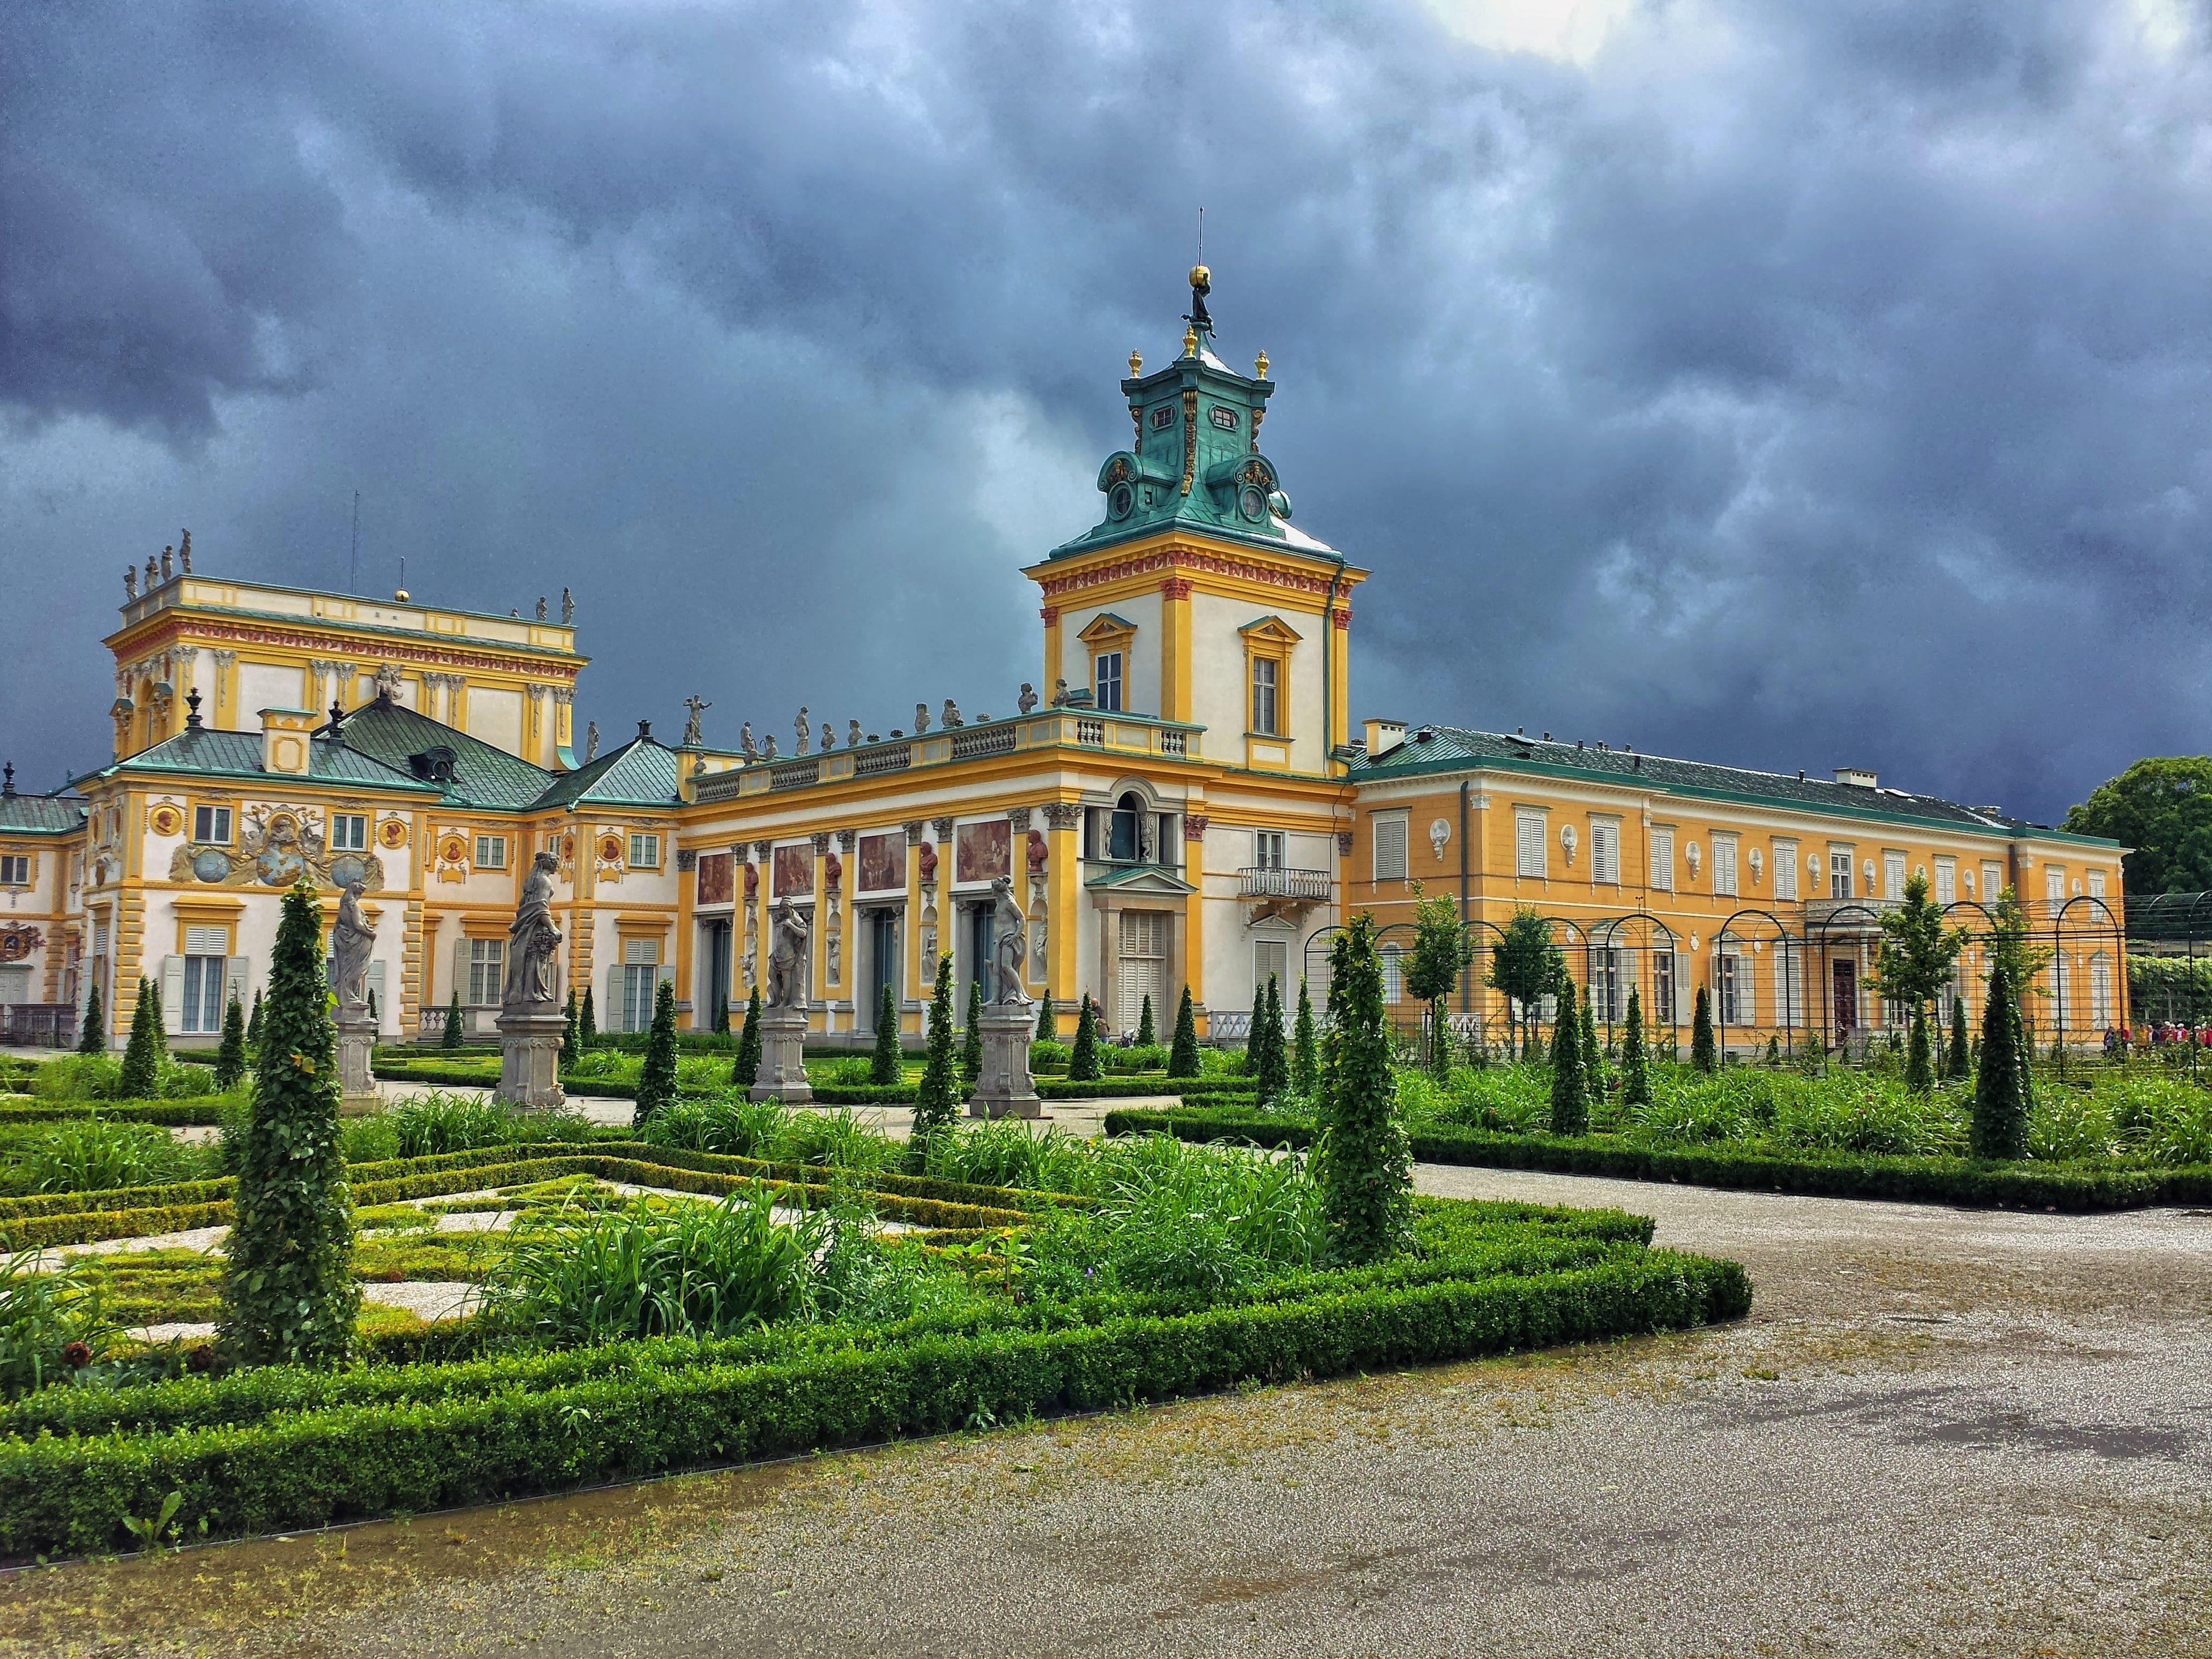 поступить в Польшу, высшее образование в Польше, учеба в Польше, обучение в Польше, образовательный центр AMBASADOR, Вилянувский дворец